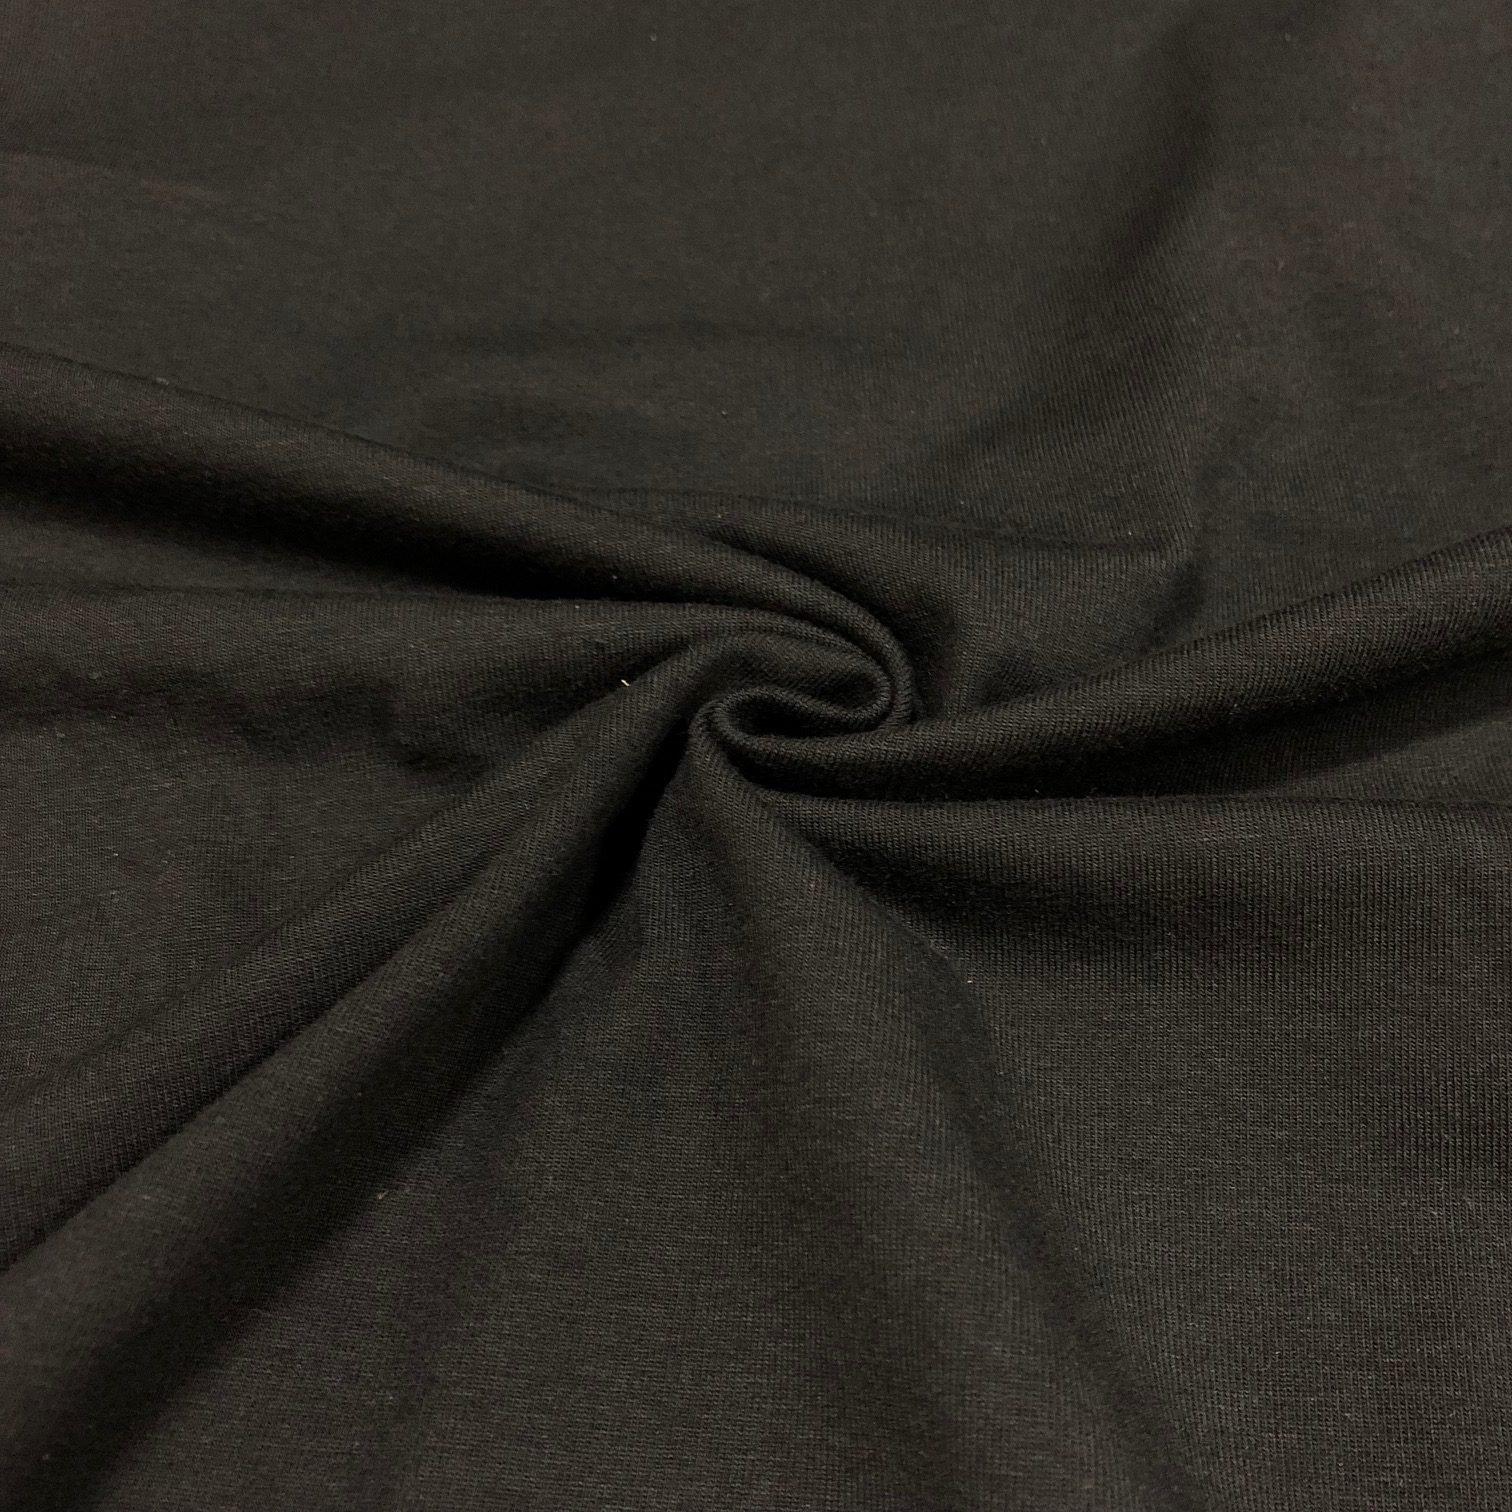 Activewear - Black Cotton Spandex